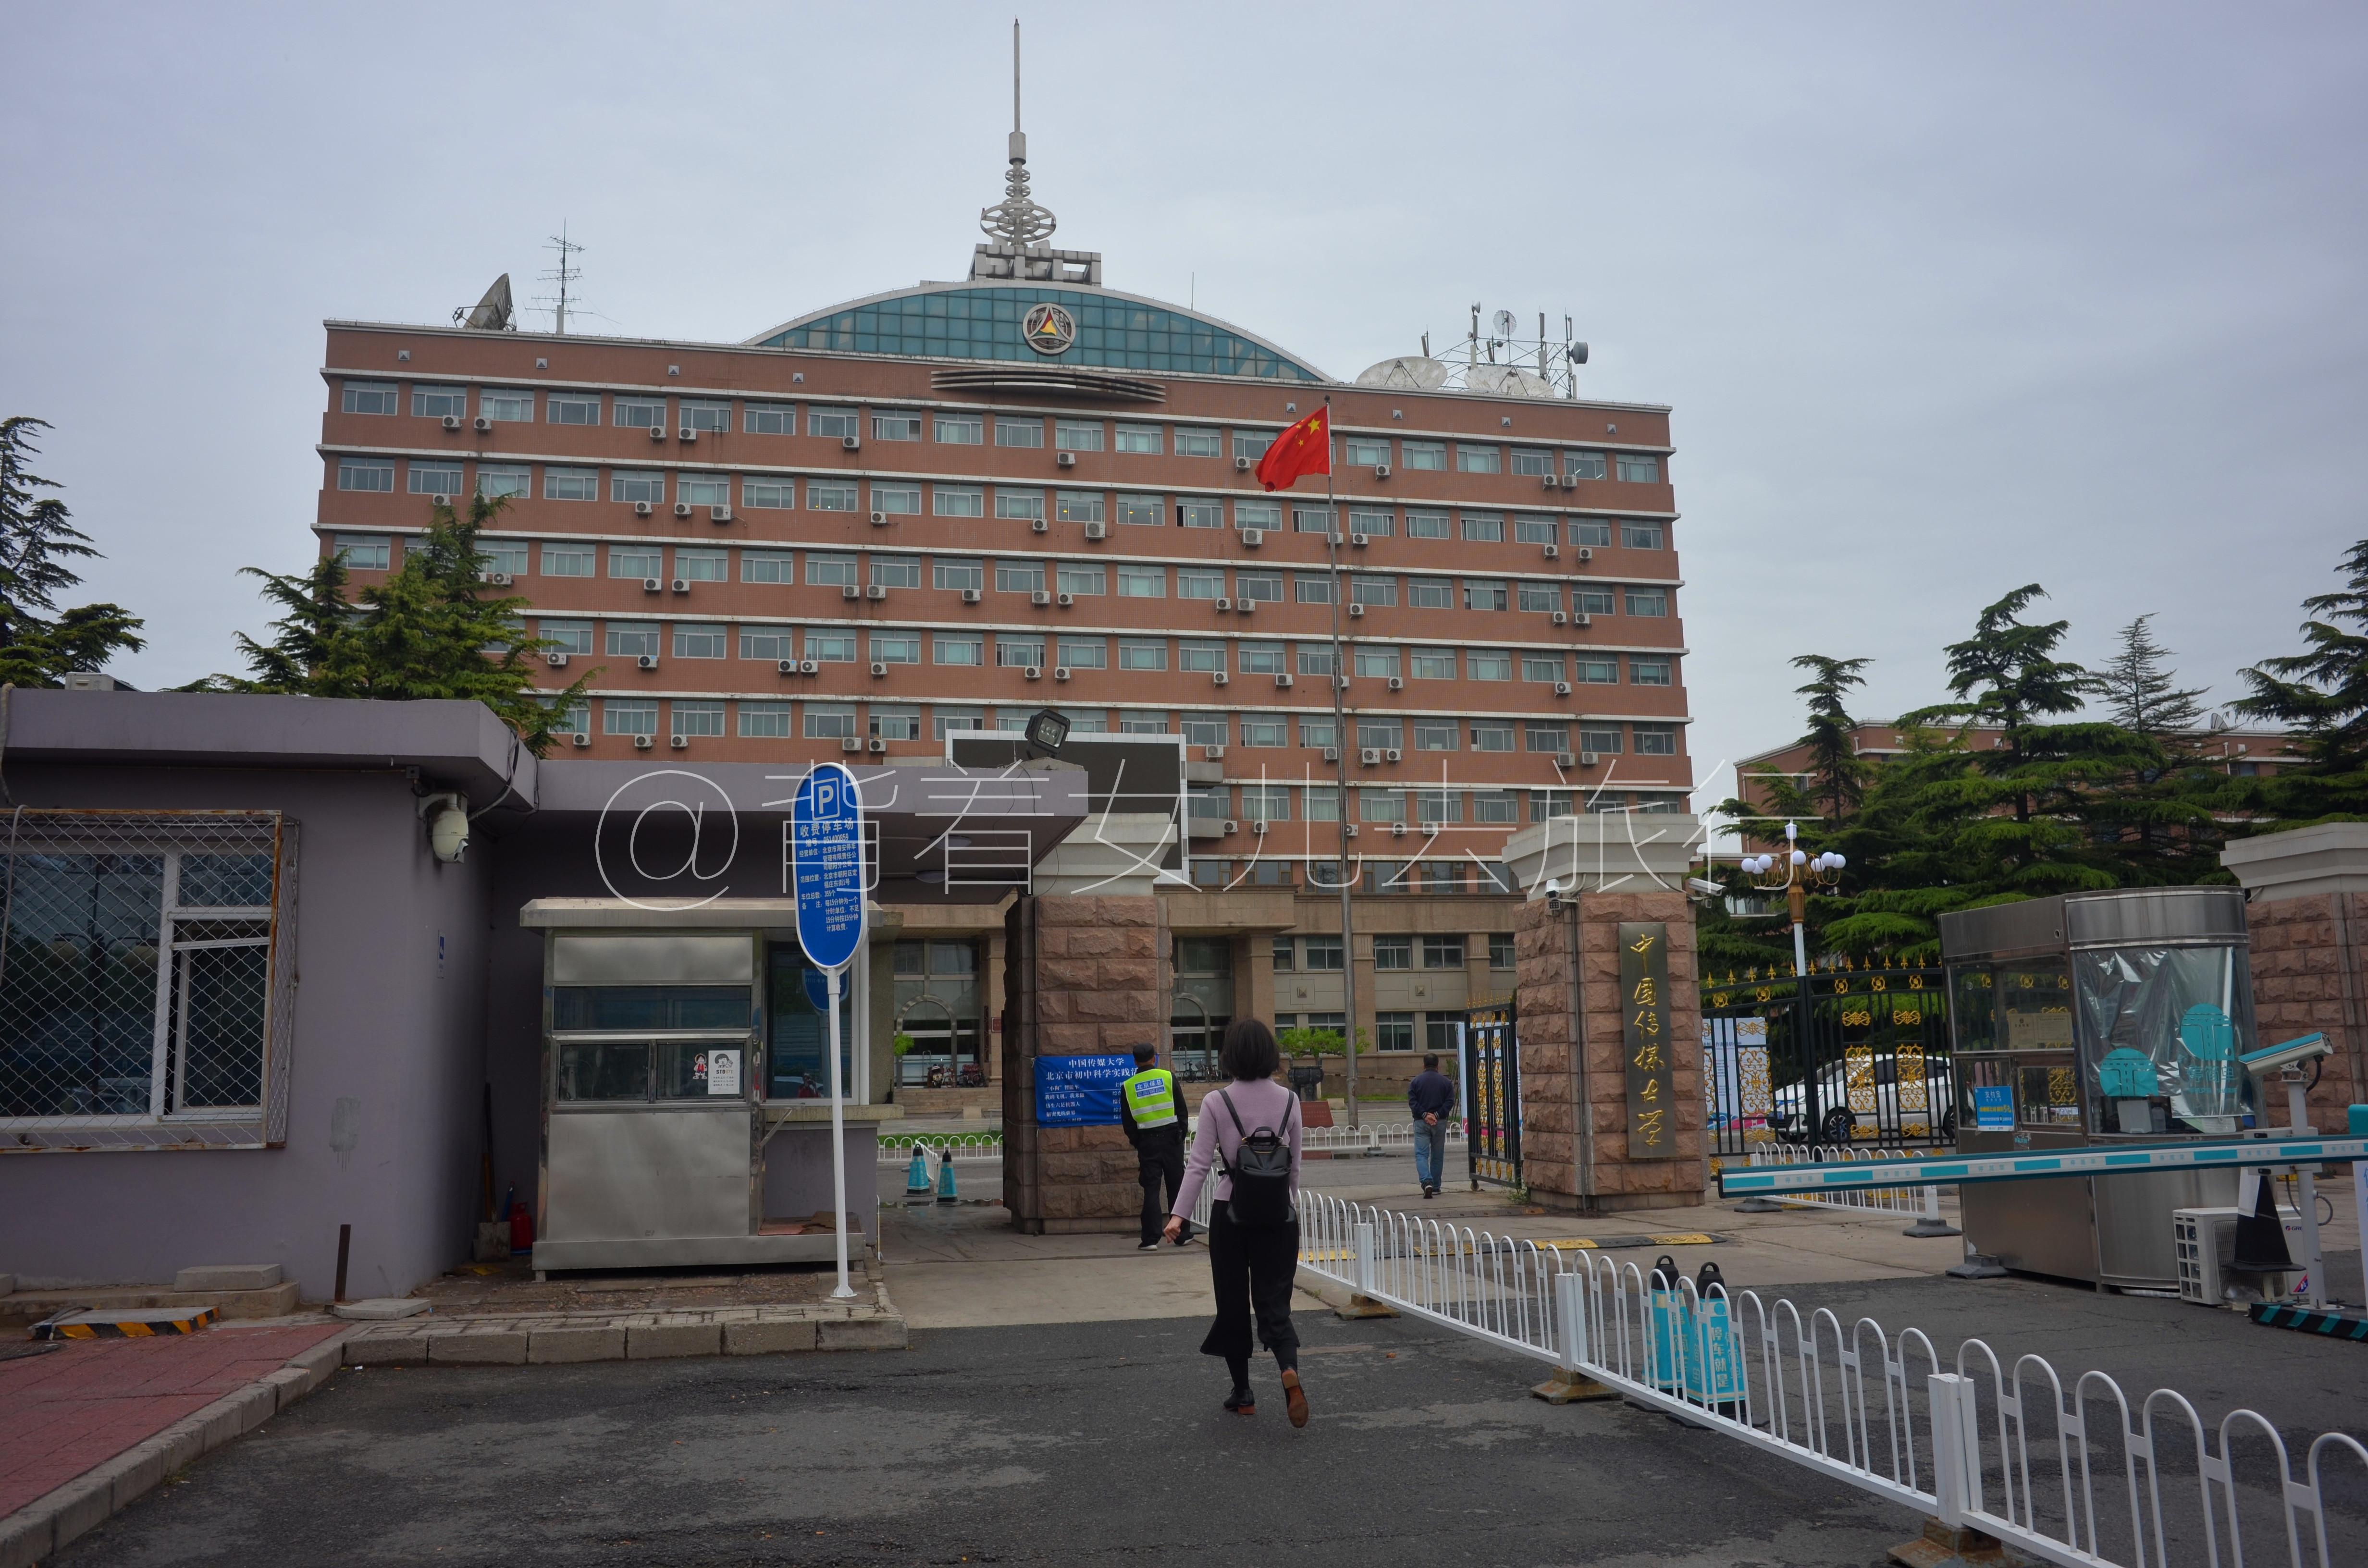 """崔永元的母校,名列北京最美校园,被戏称为""""海底捞大学"""""""